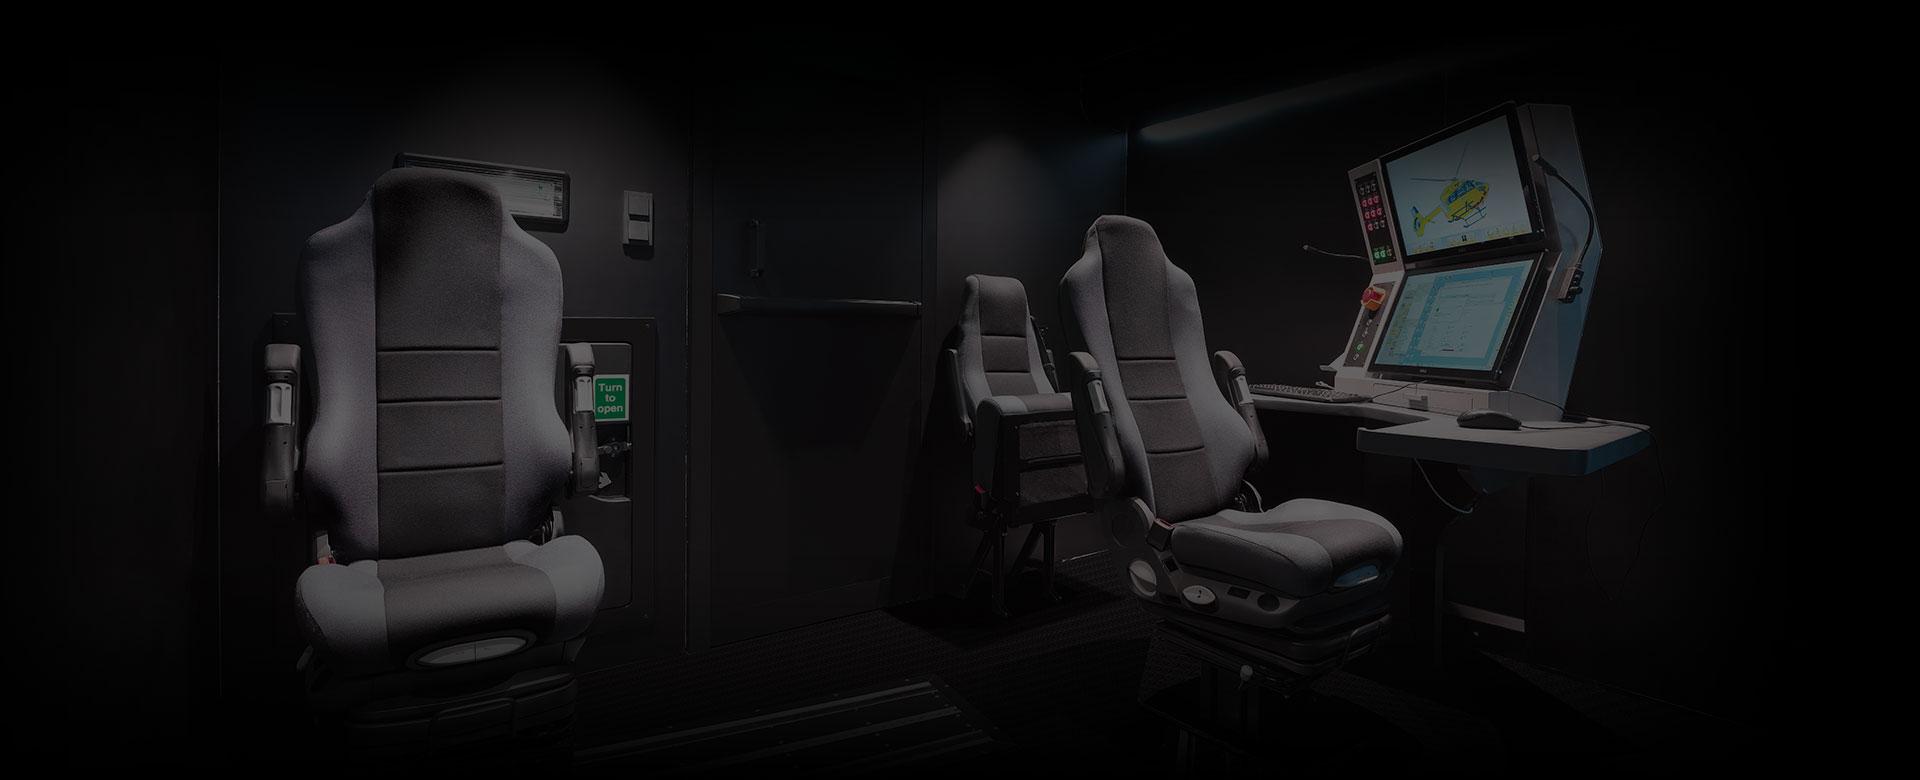 reiser-st.com